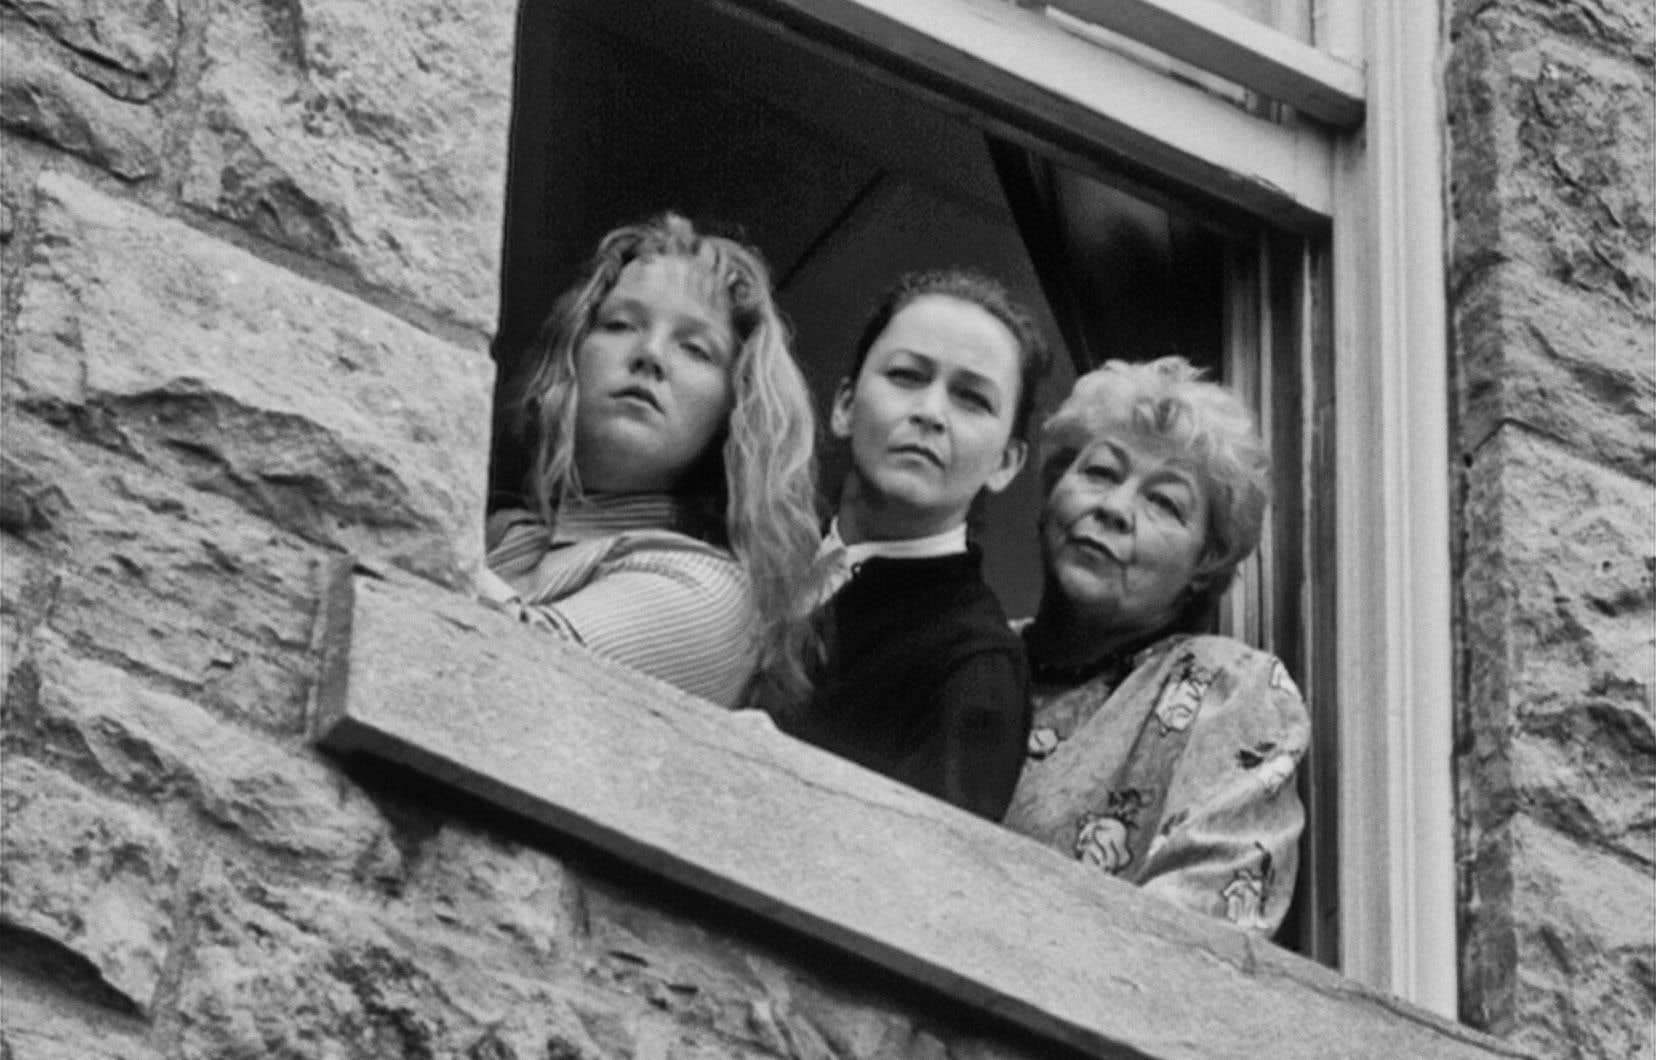 Le récit des «Fantômes des trois Madeleine» comporte trois héroïnes, avec des hommes en périphérie plutôt qu'au centre en un renversement de ce que l'on voyait la majorité du temps.